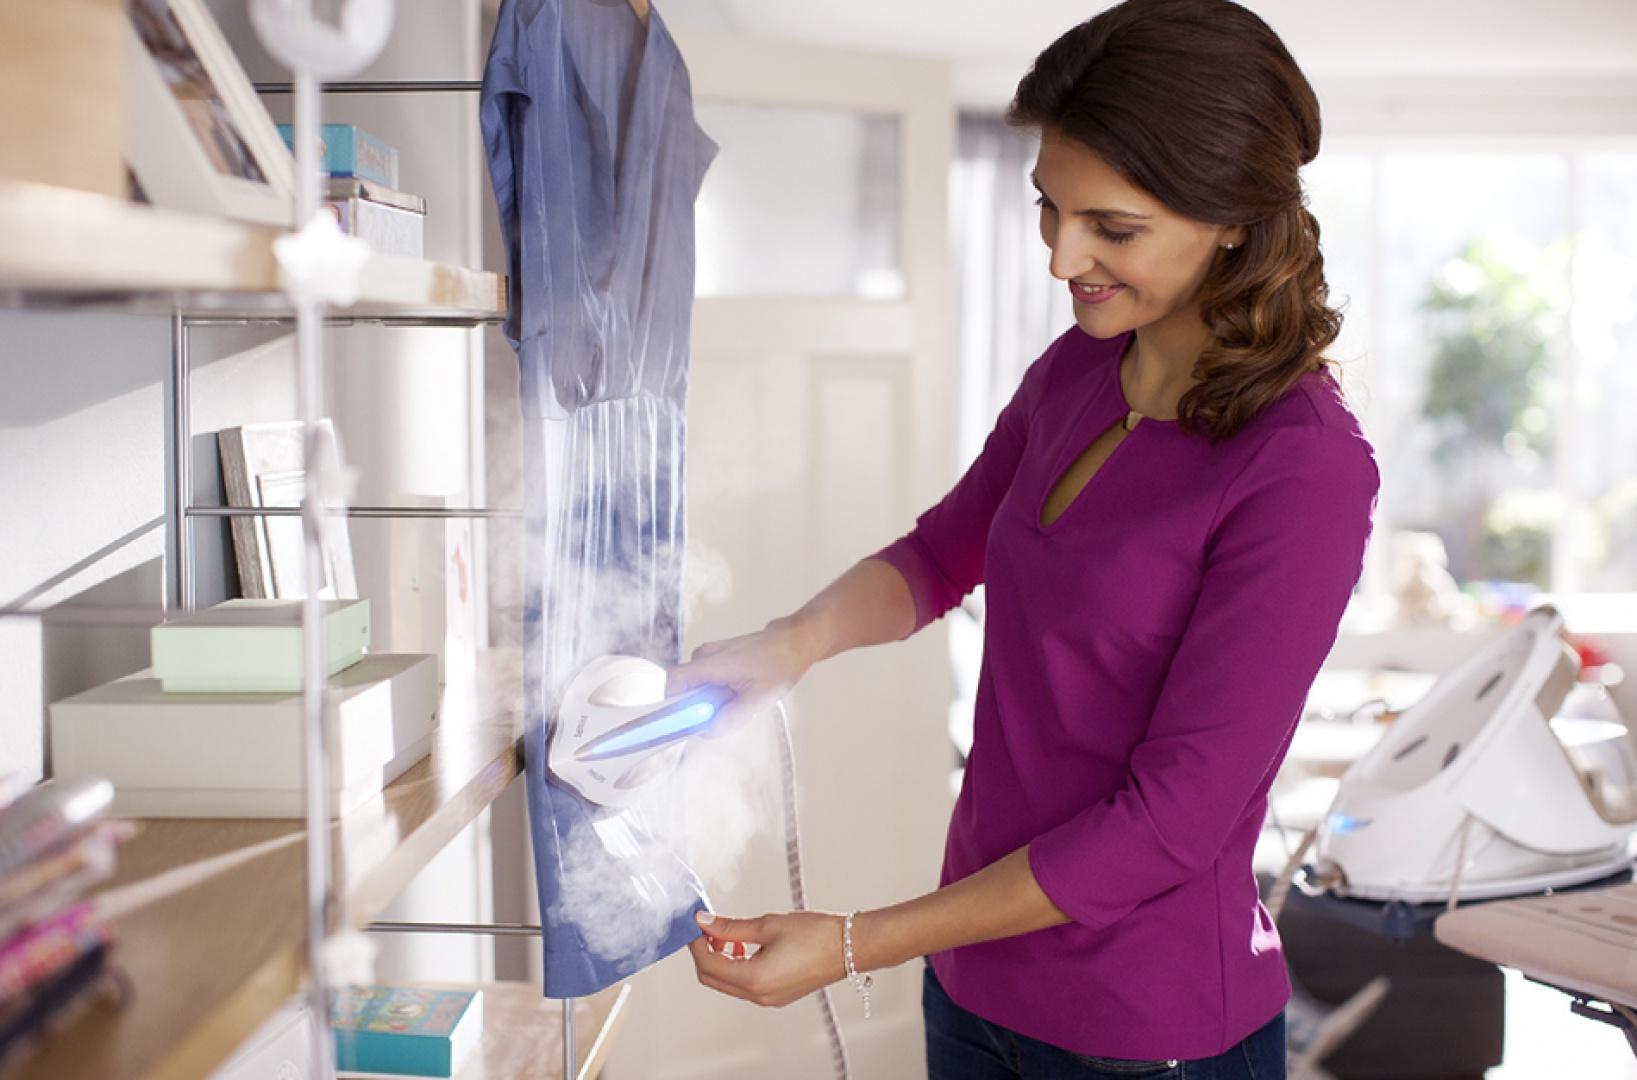 Dzięki ręcznej parownicy nie musimy nawet używać deski do parasowania. Fot. Philips